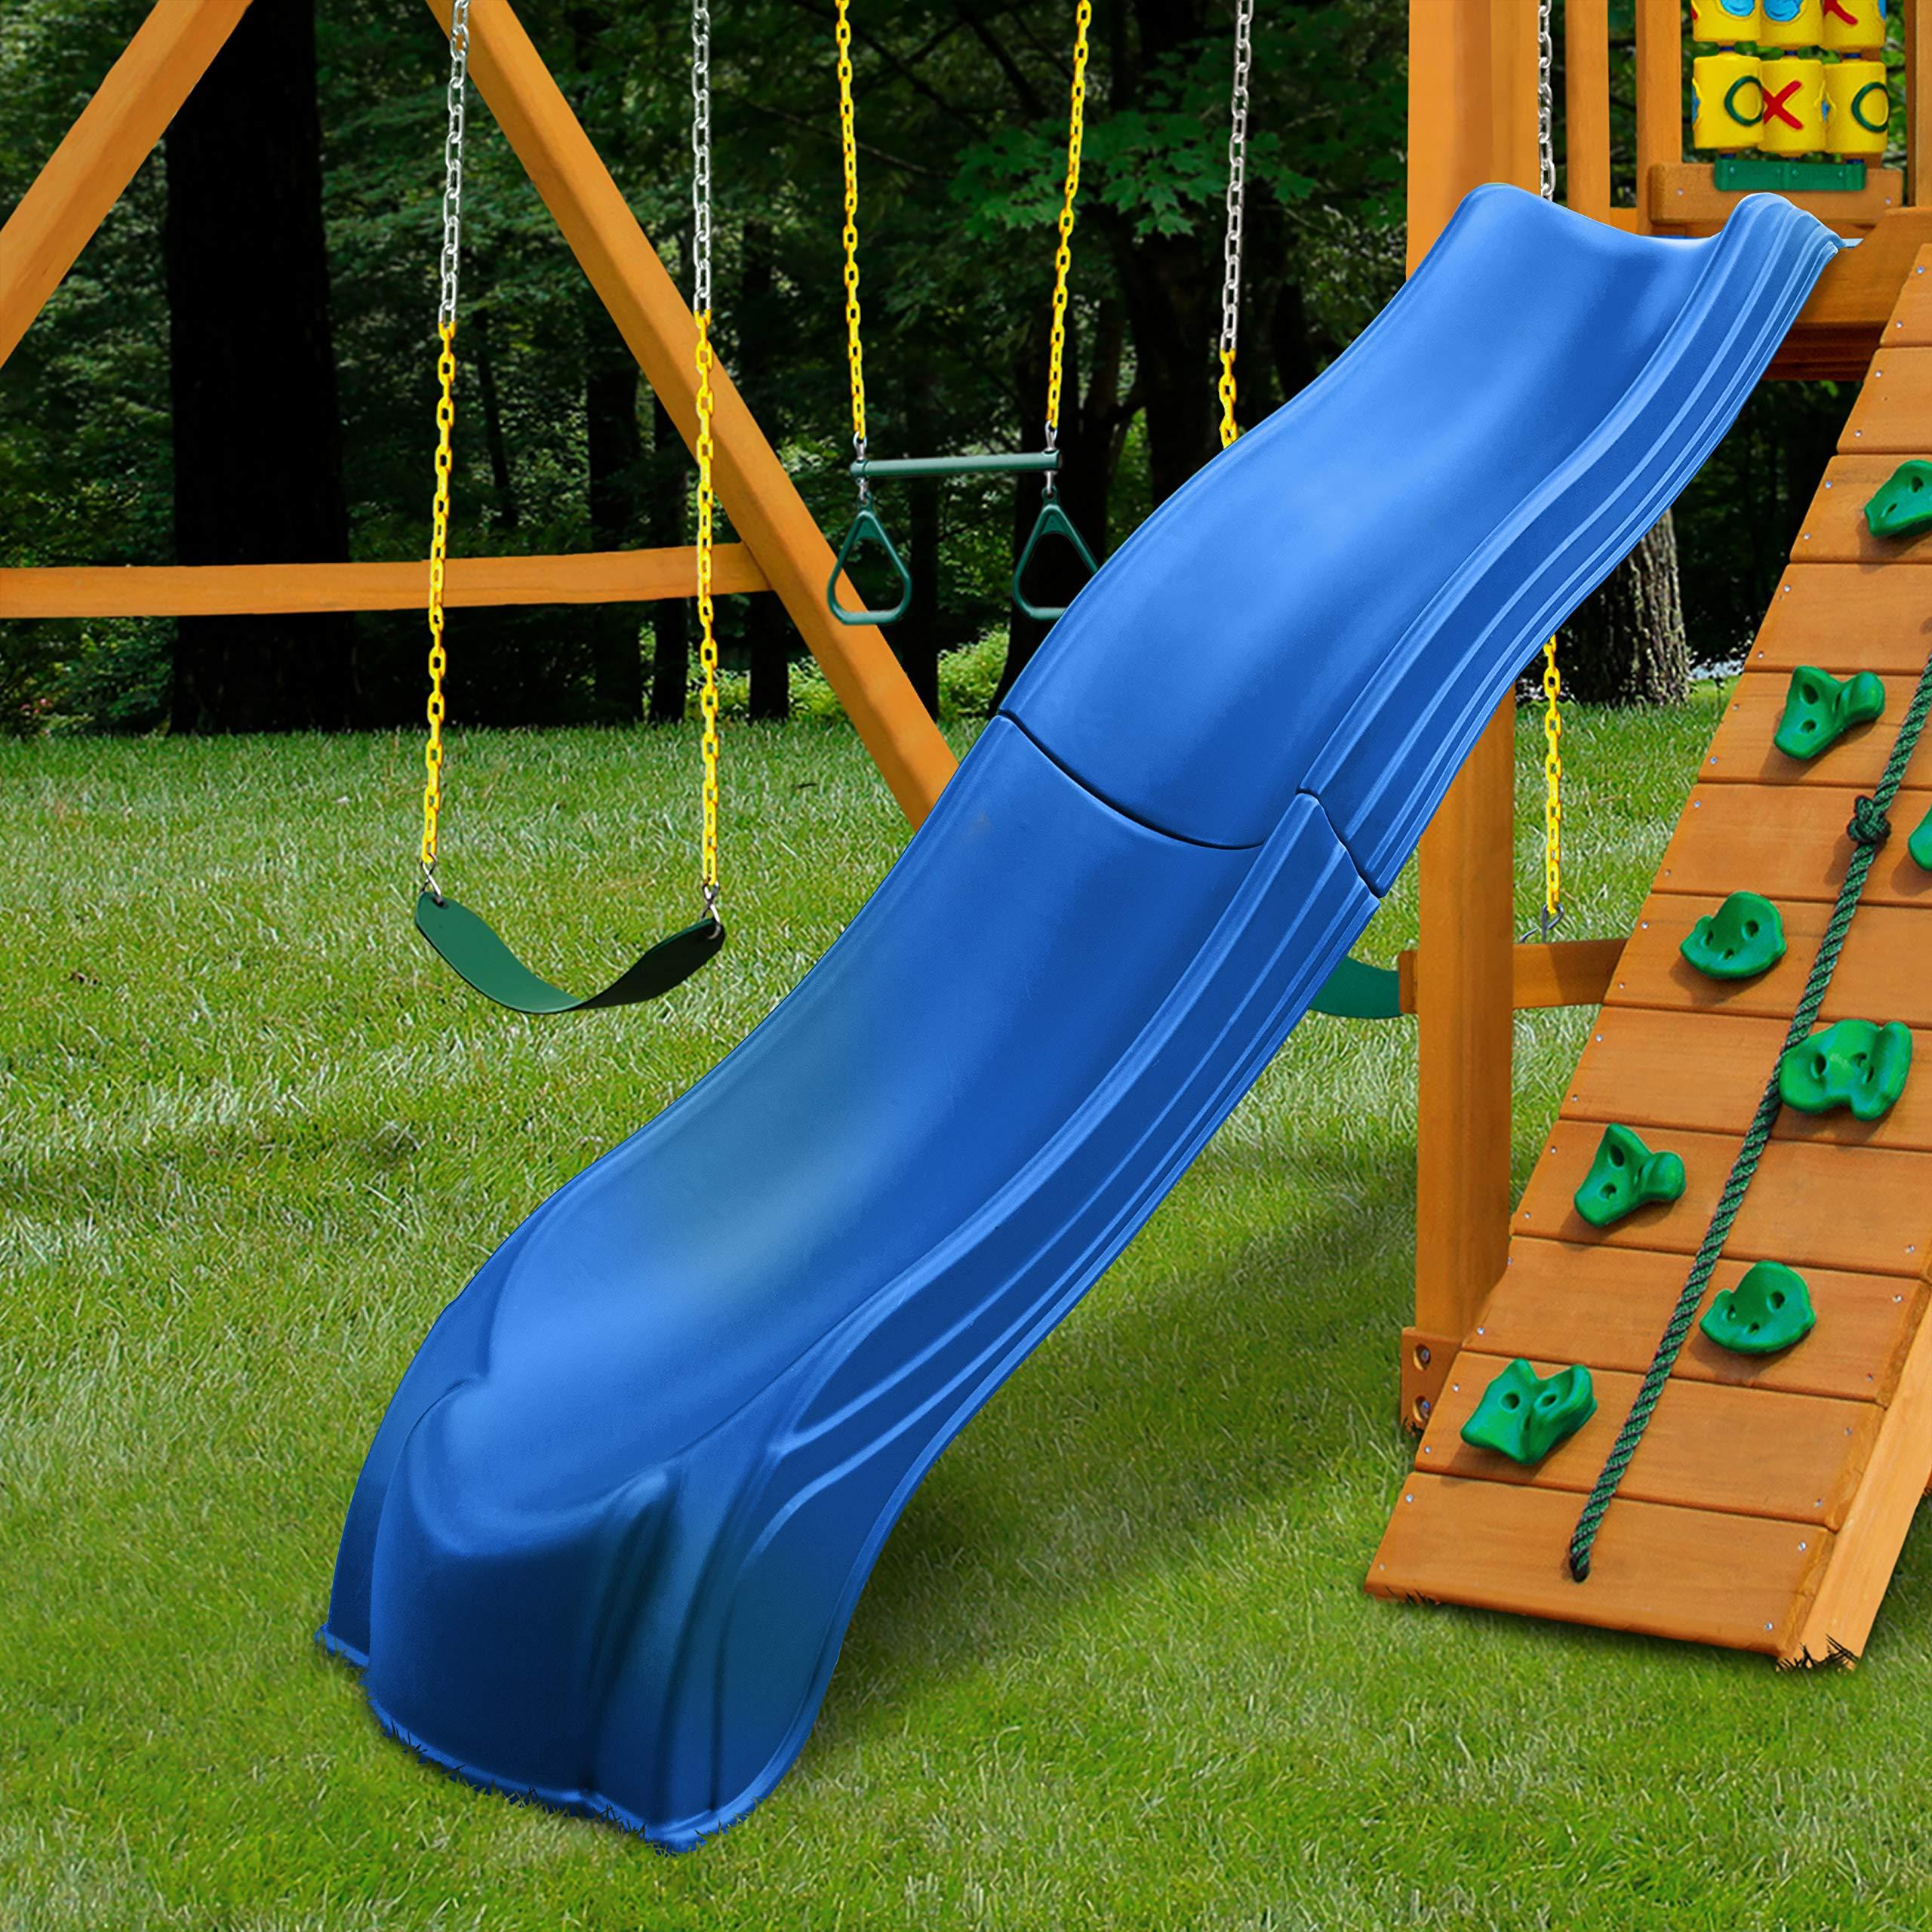 Swing-N-Slide WS 5032 Olympus Wave Slide 2 Piece Plastic Slide for 5' Decks, Blue by Swing-N-Slide (Image #3)